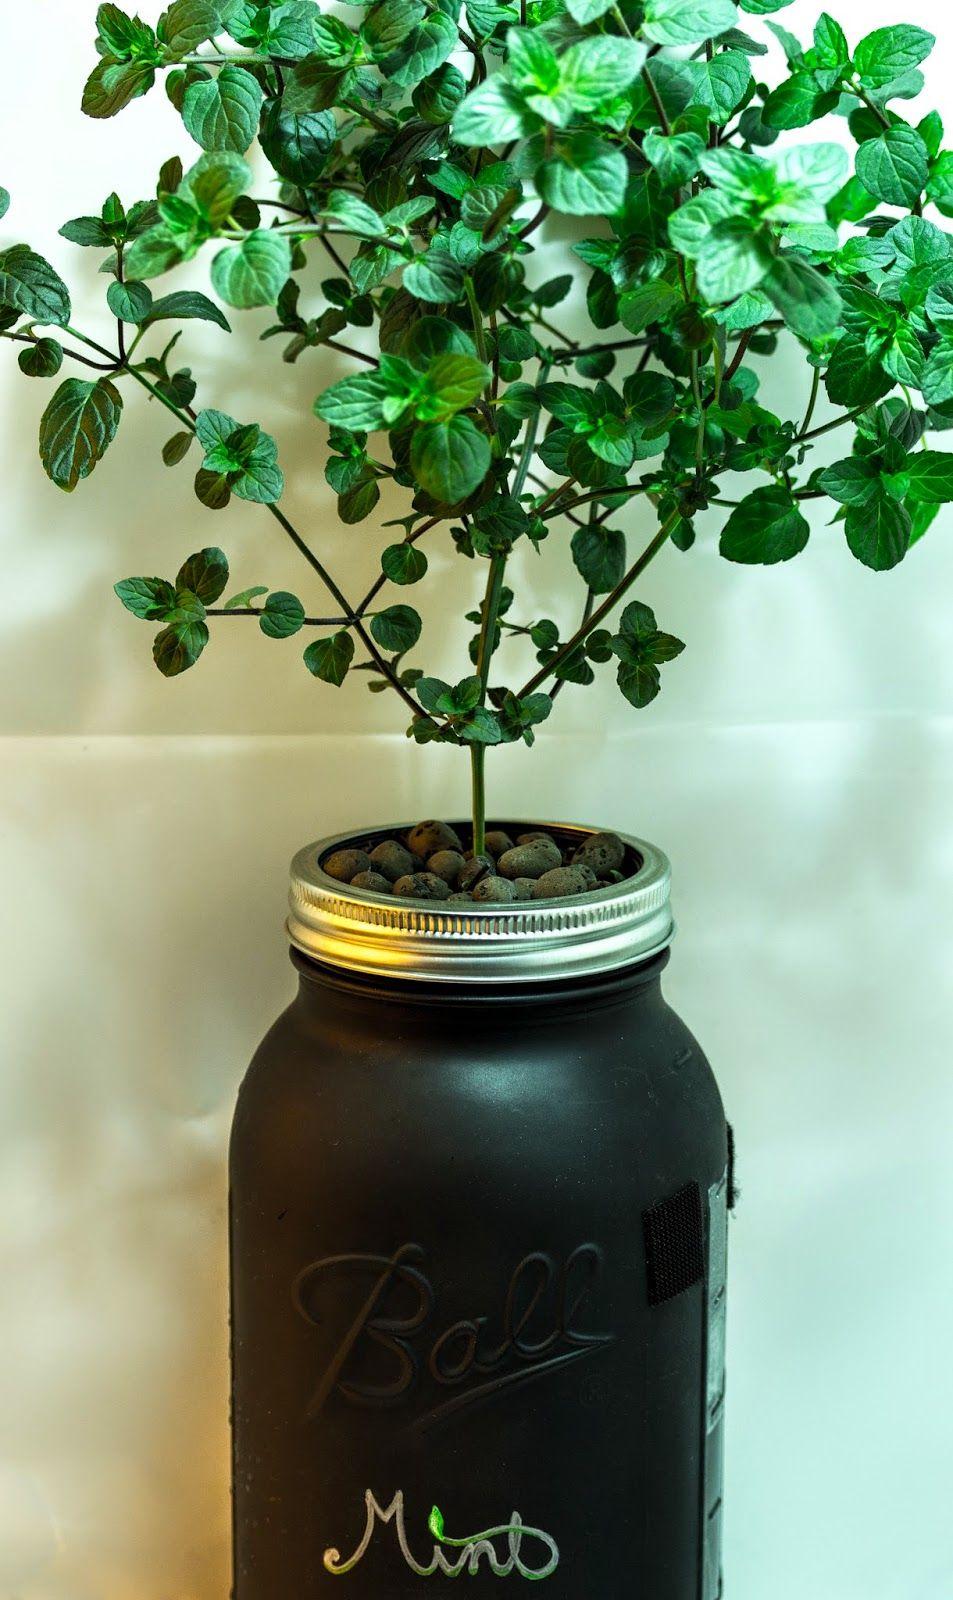 Macro Garden DIY Mason Jar NonCirculating Hydroponics